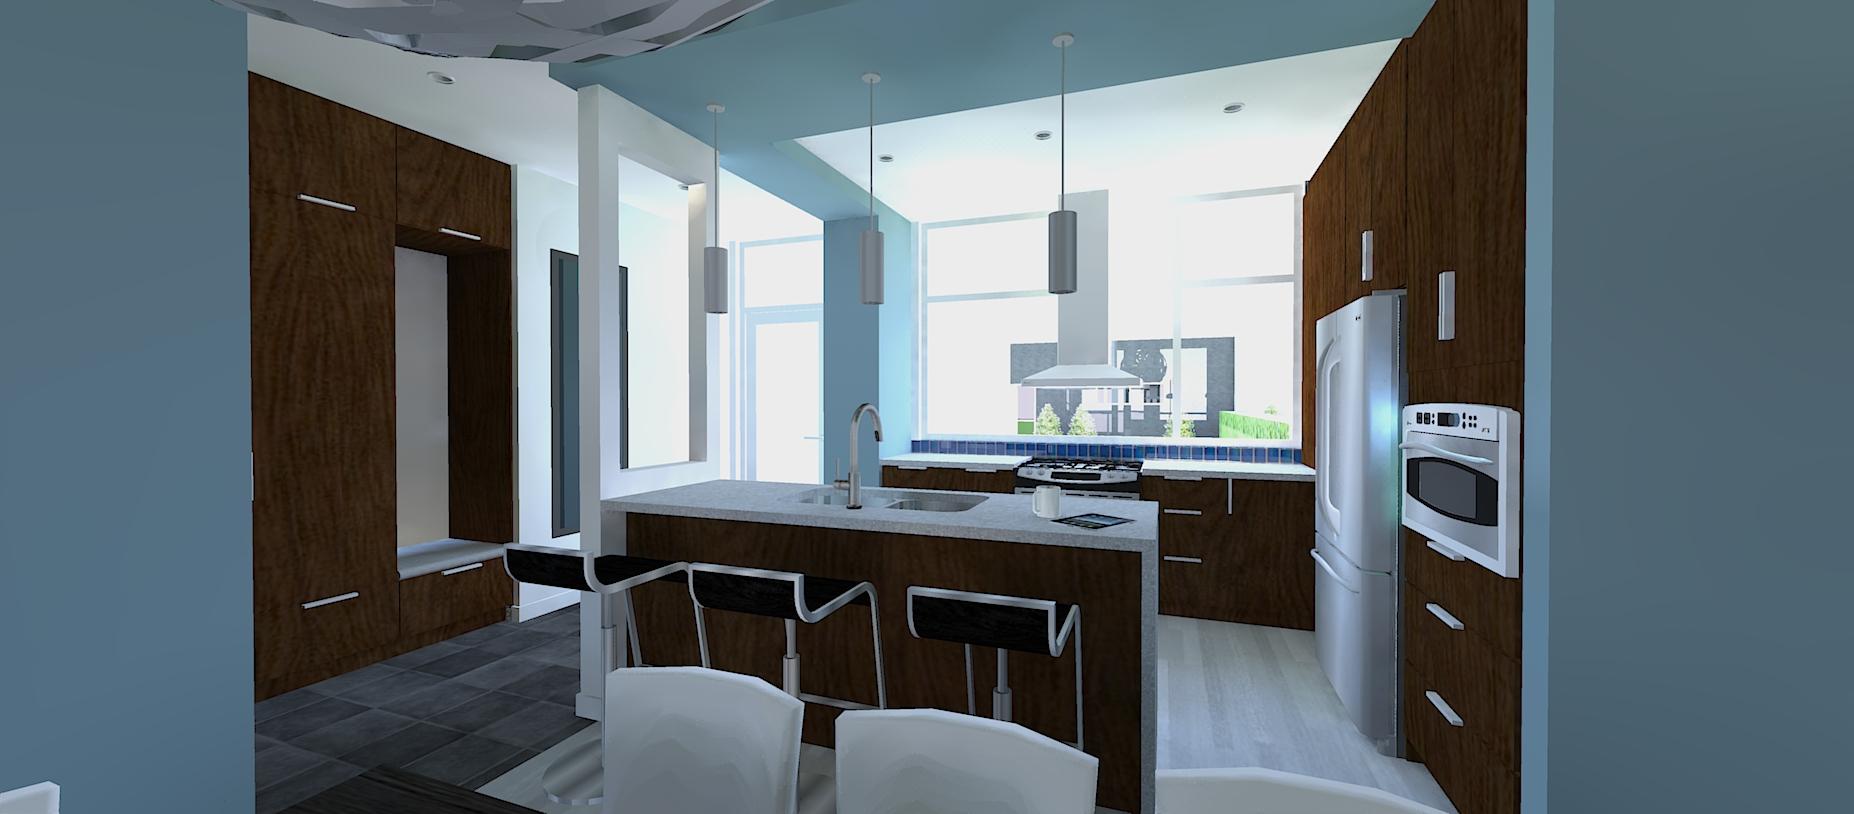 11-Kitchen 1.jpg